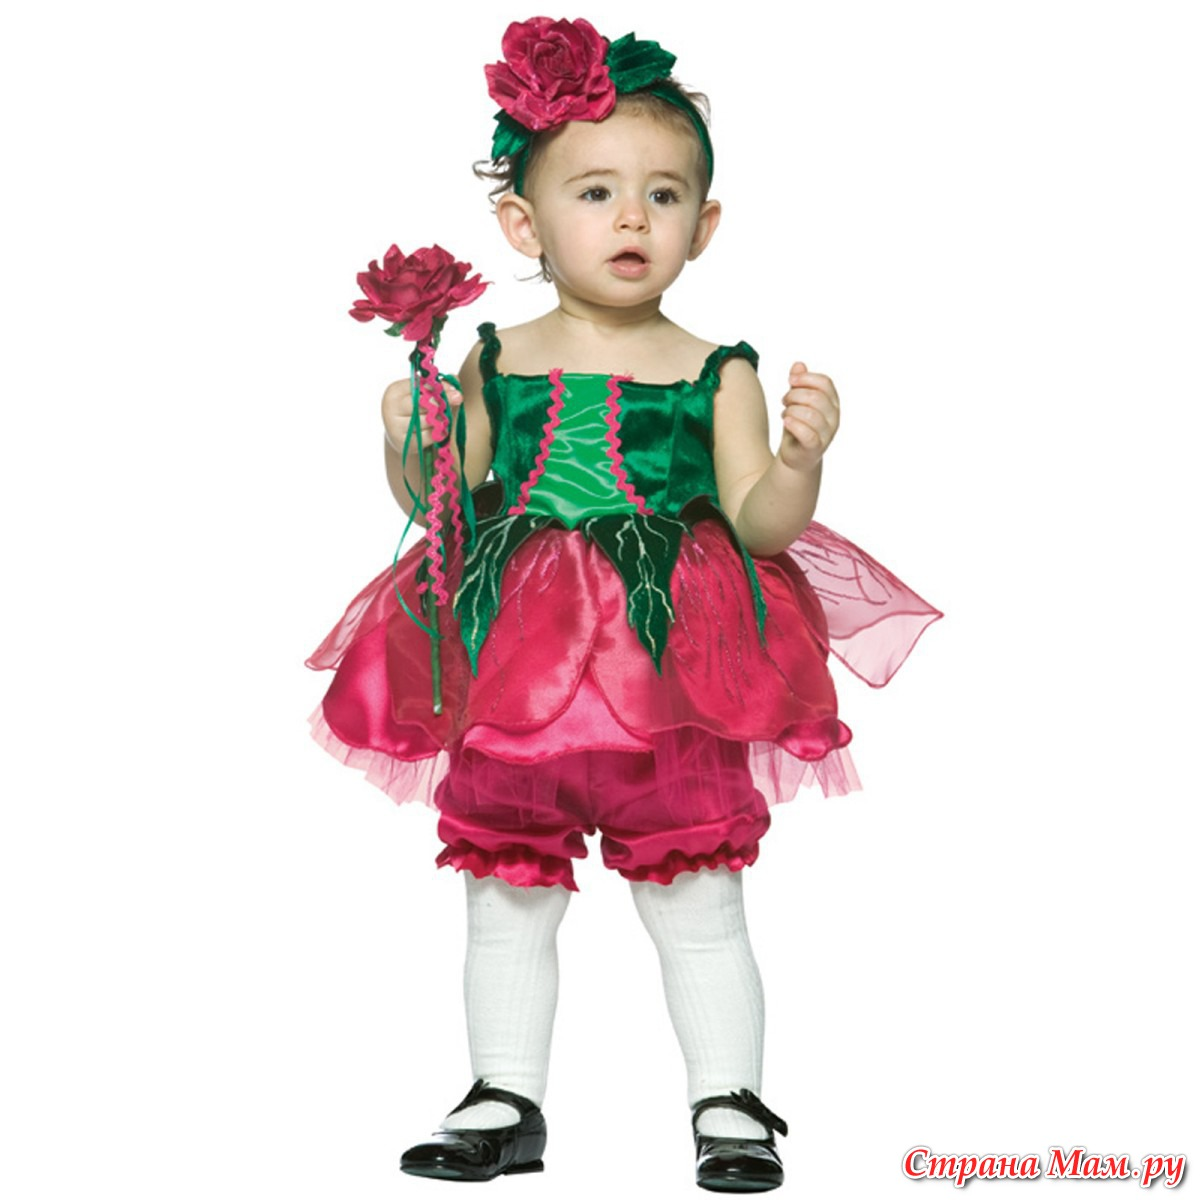 Цветочные костюмы своими руками